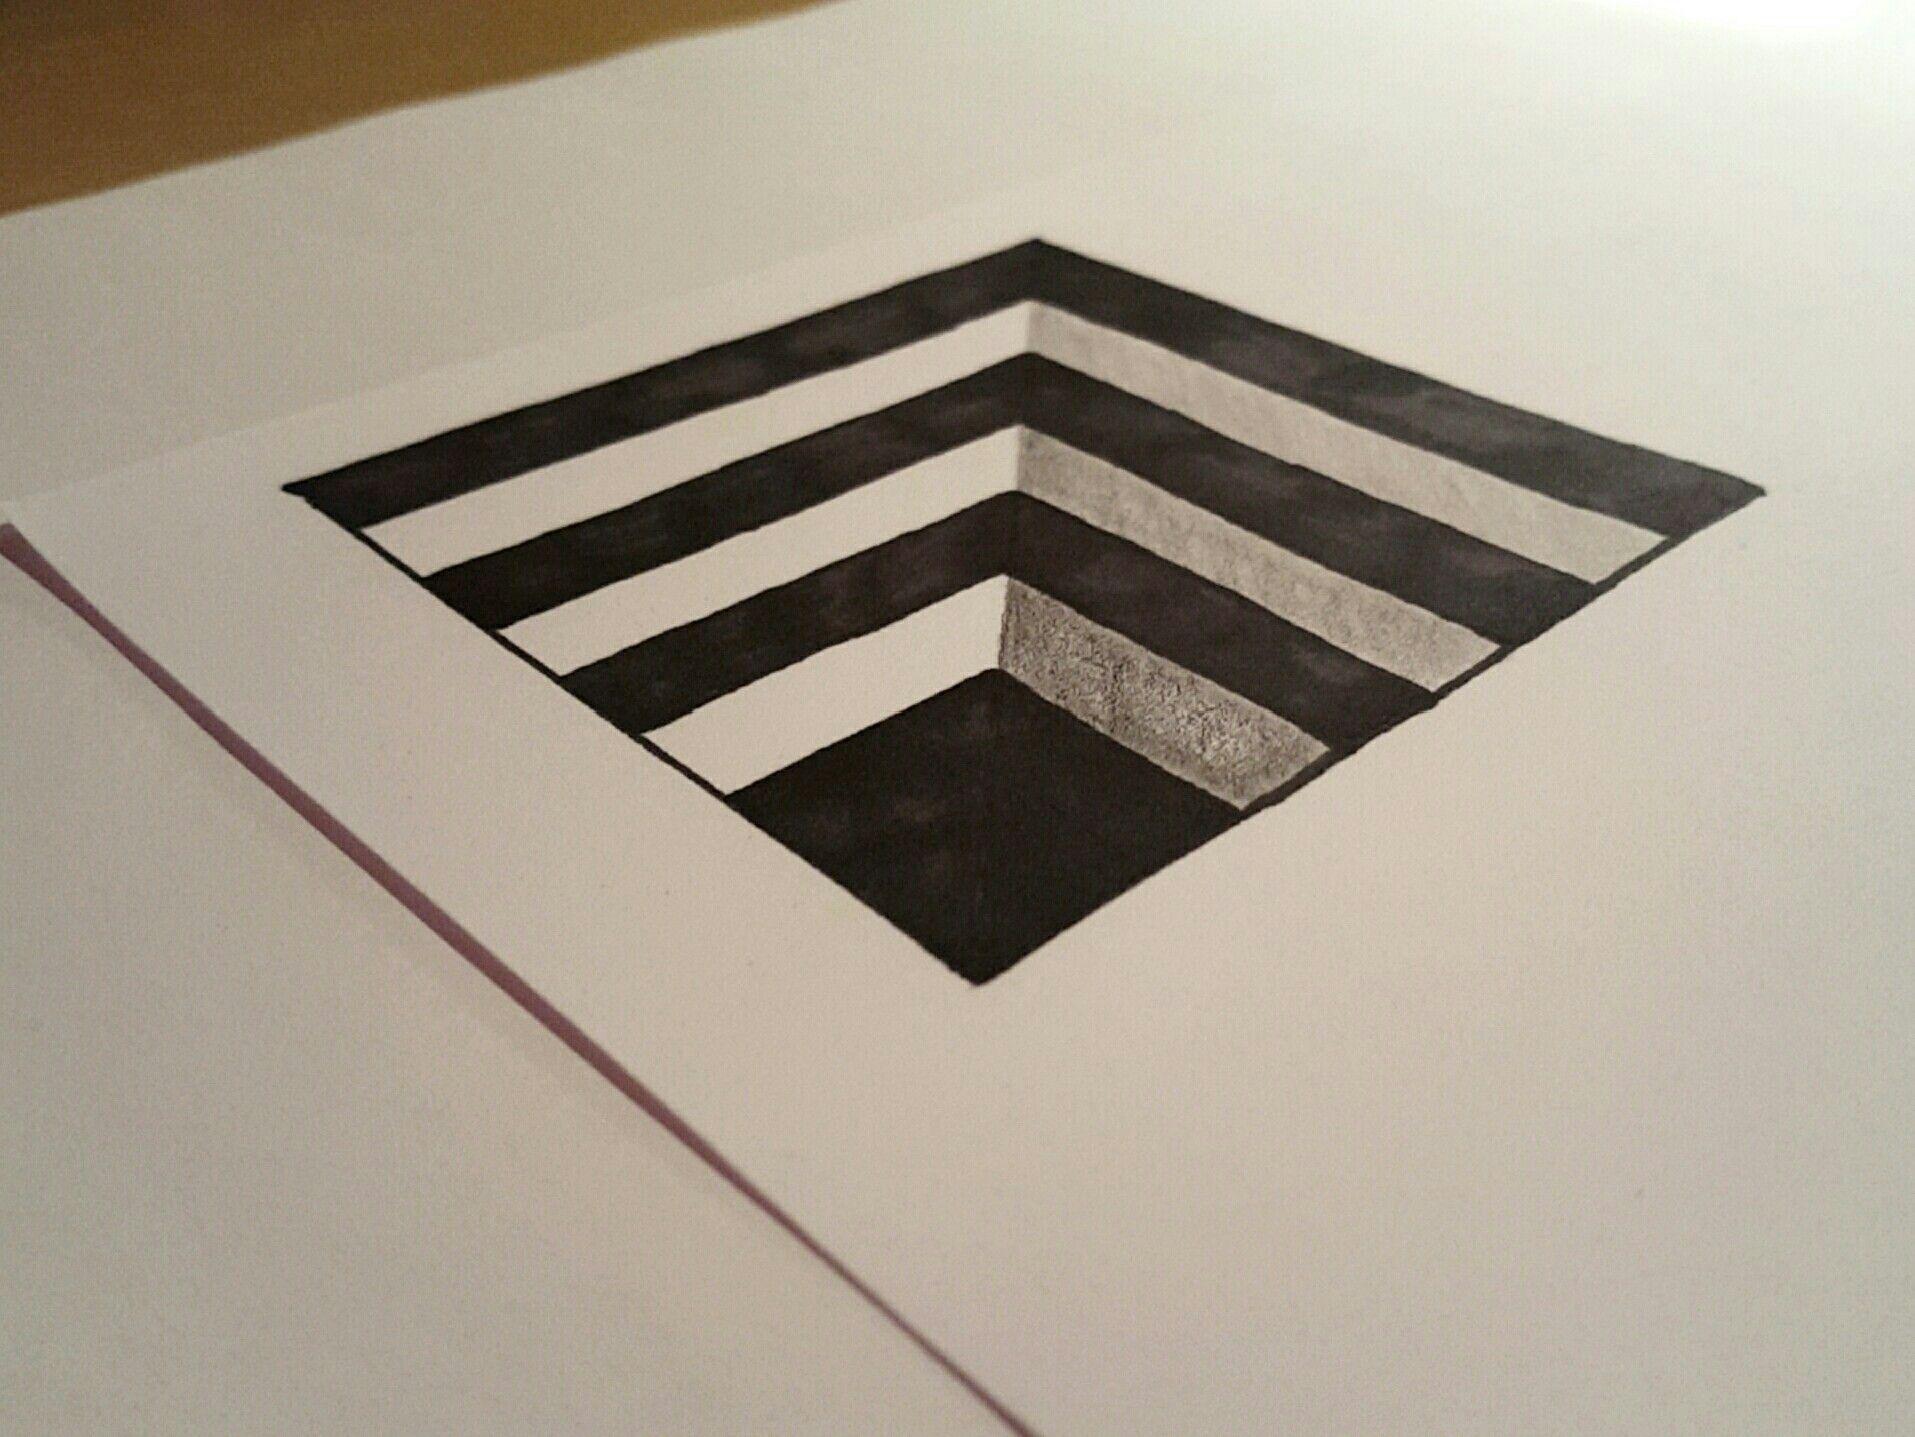 Illusion optique bing images - Illusion optique dessin ...